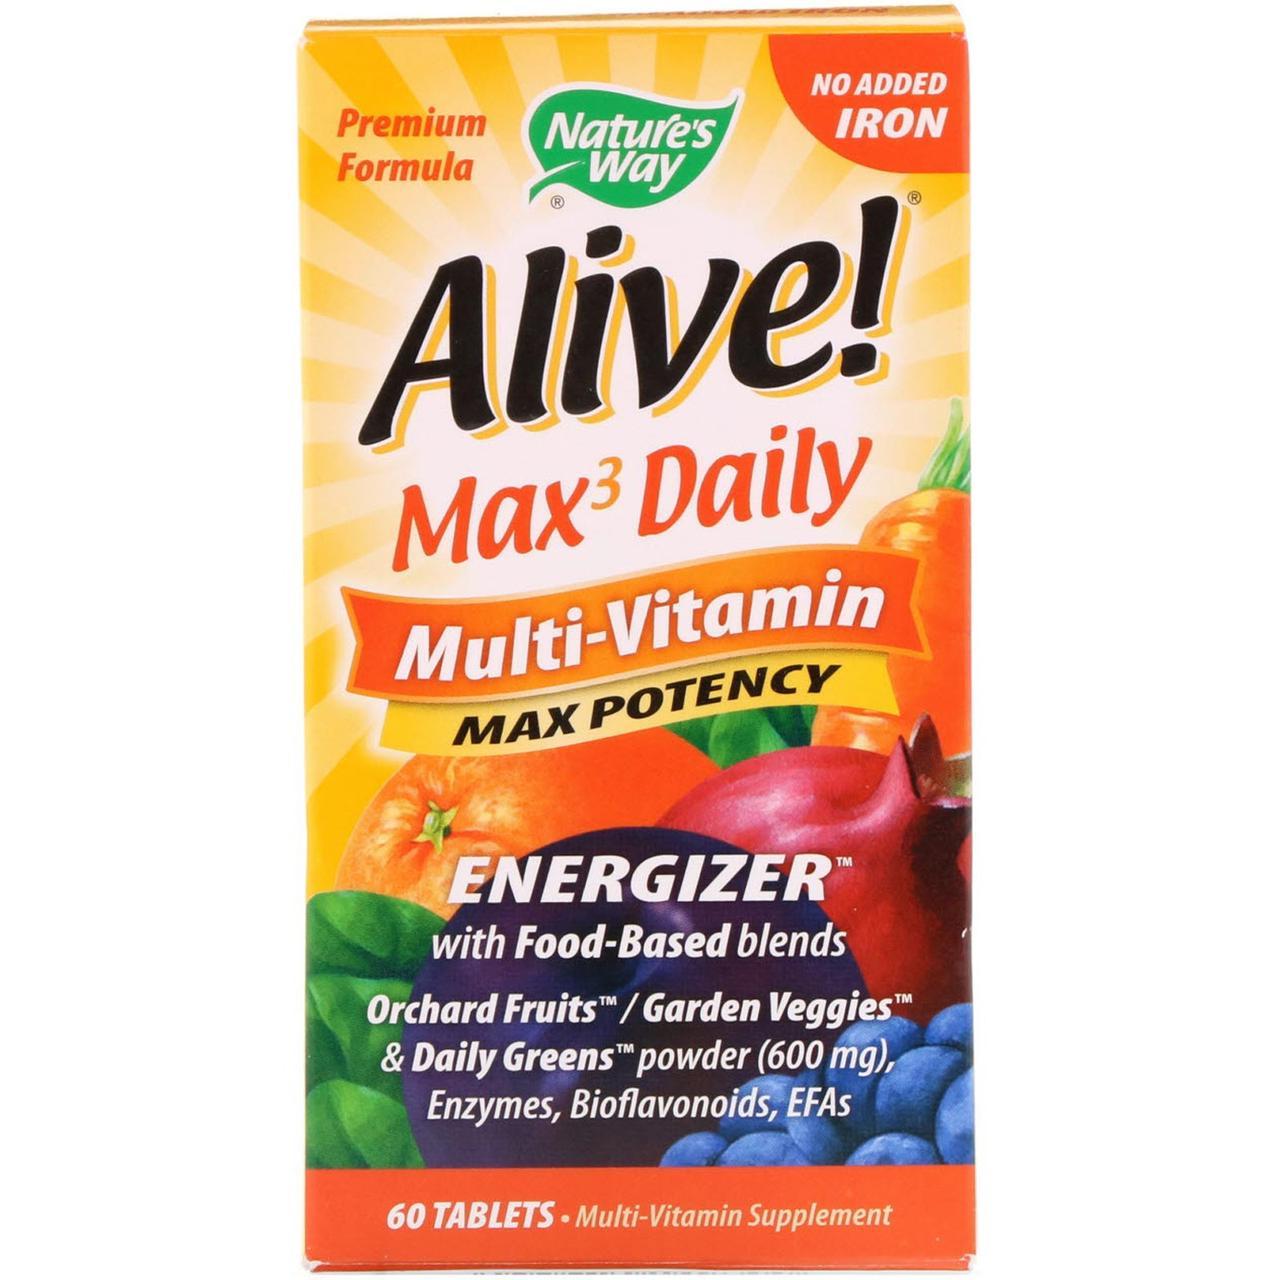 Мультивитамины Nature's Way, Alive! на каждый день, без добавления железа, 60 таблеток